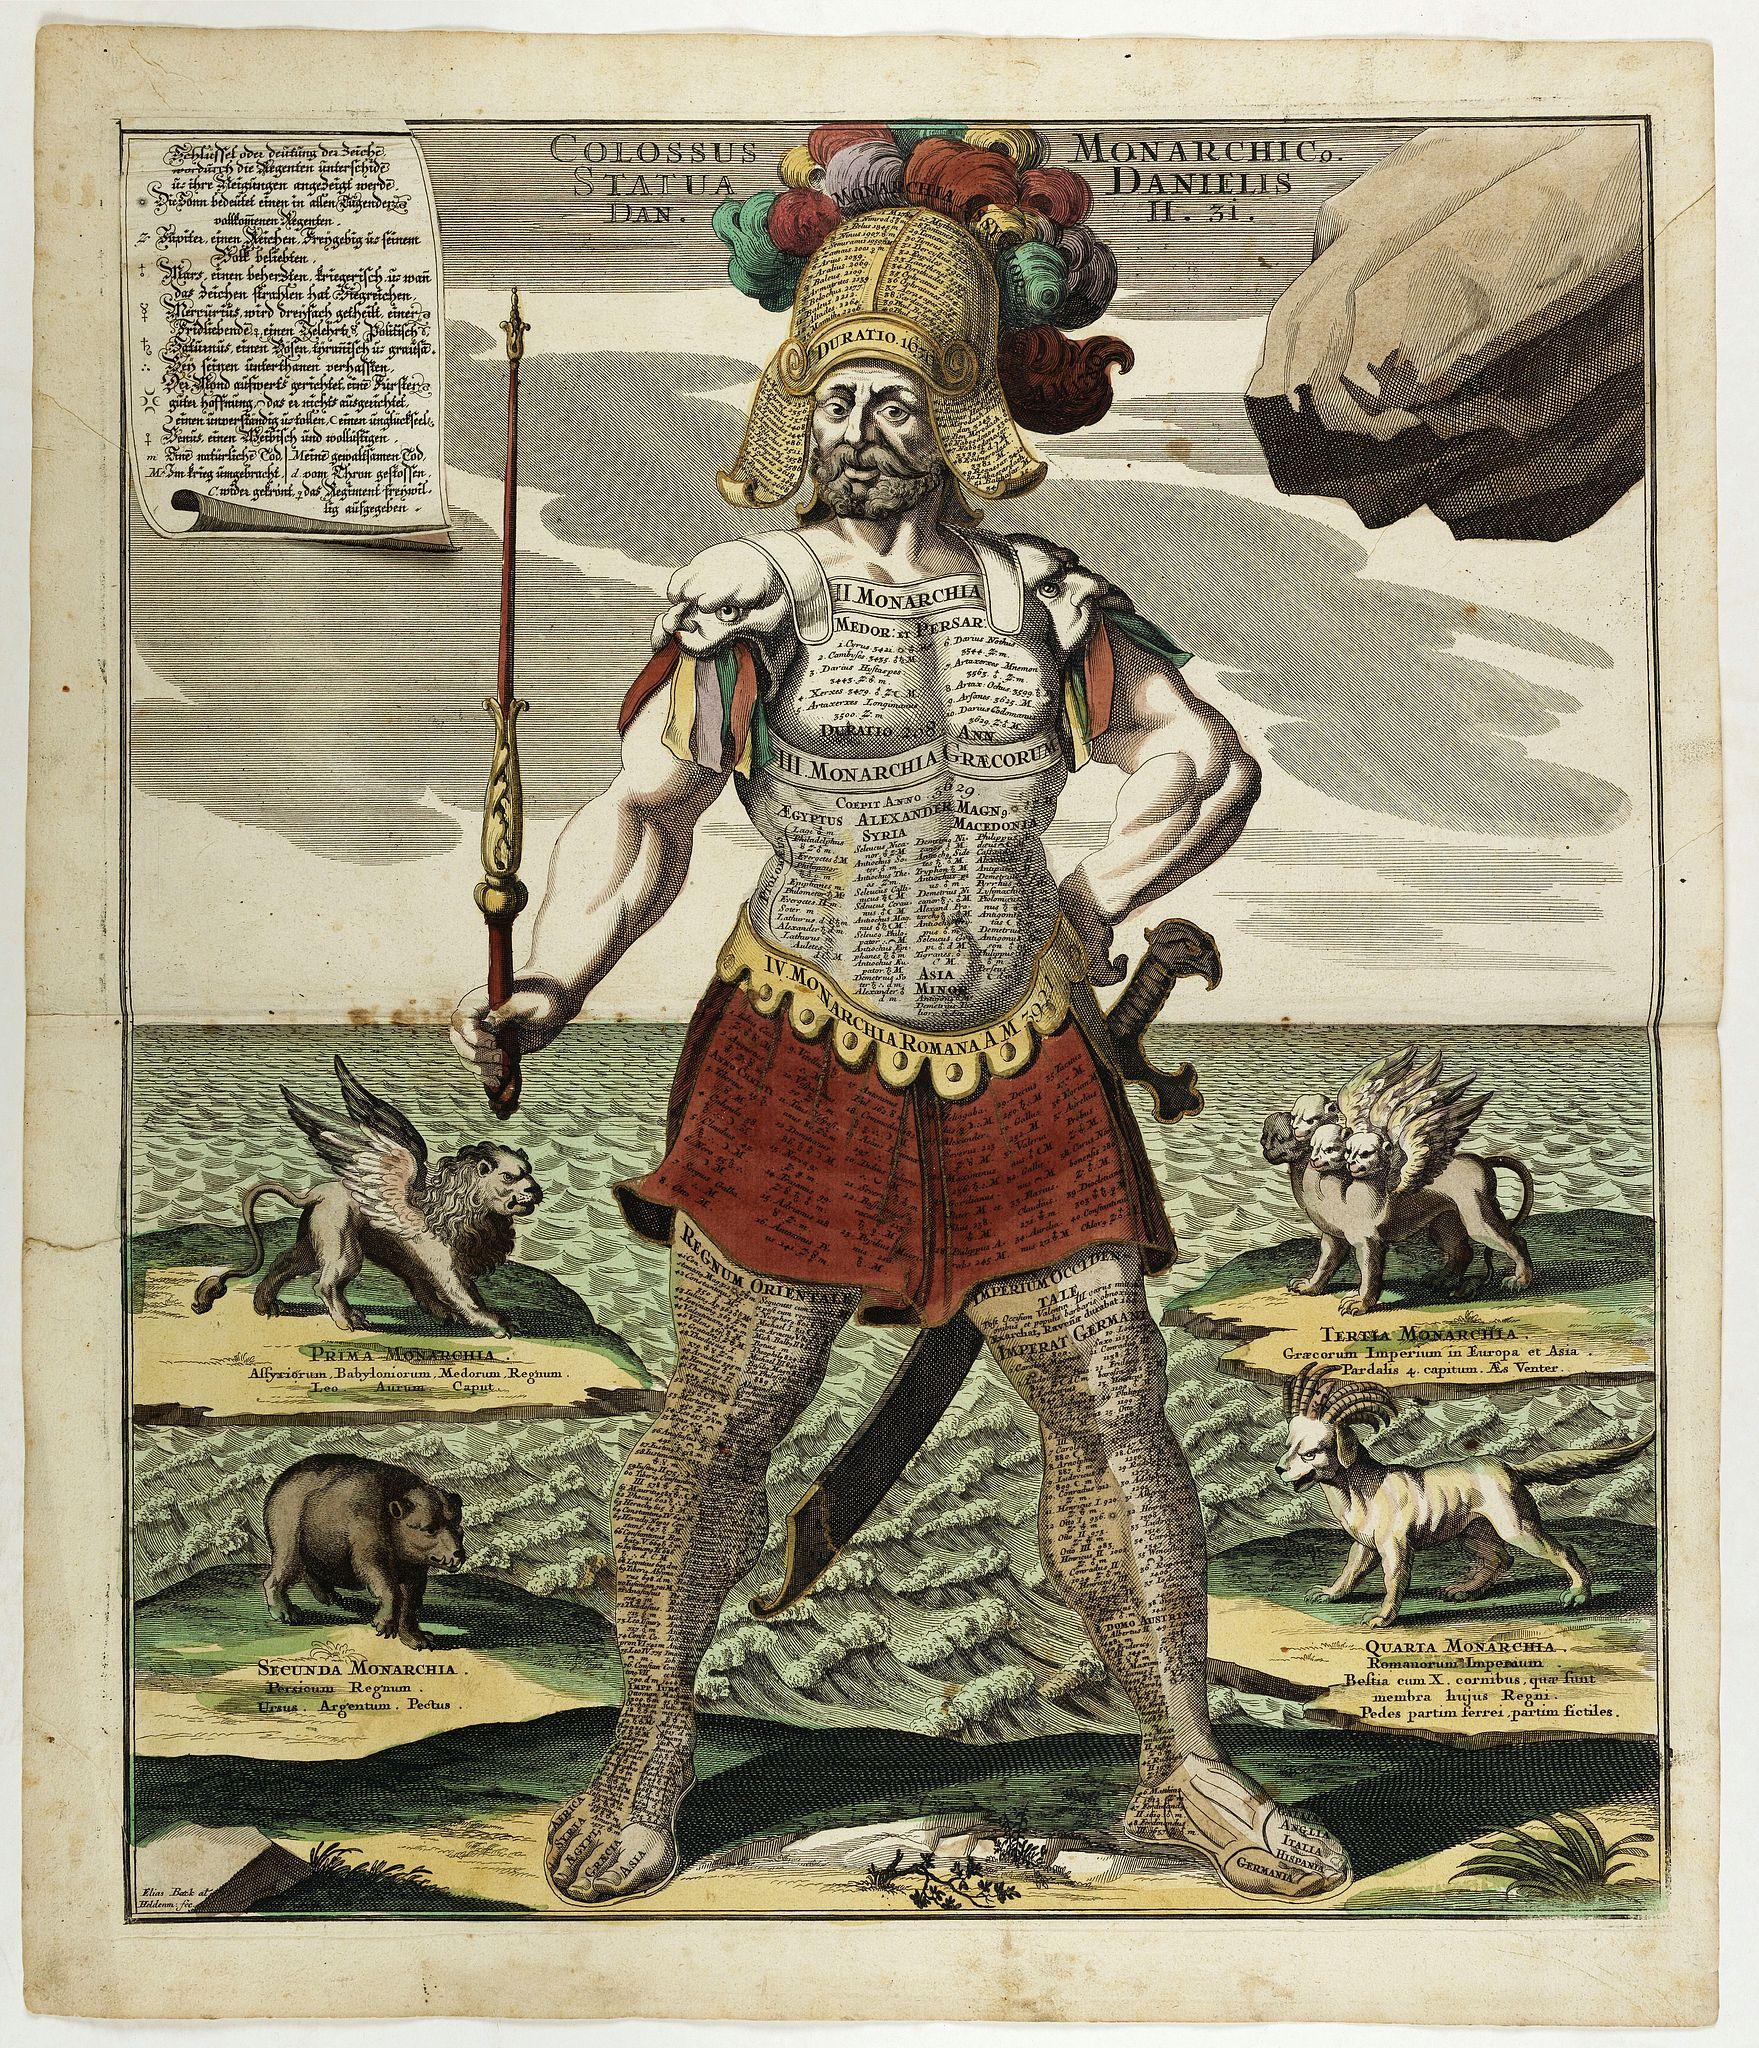 BAECK, E. -  Colossus Monarchic. Statua Danielis